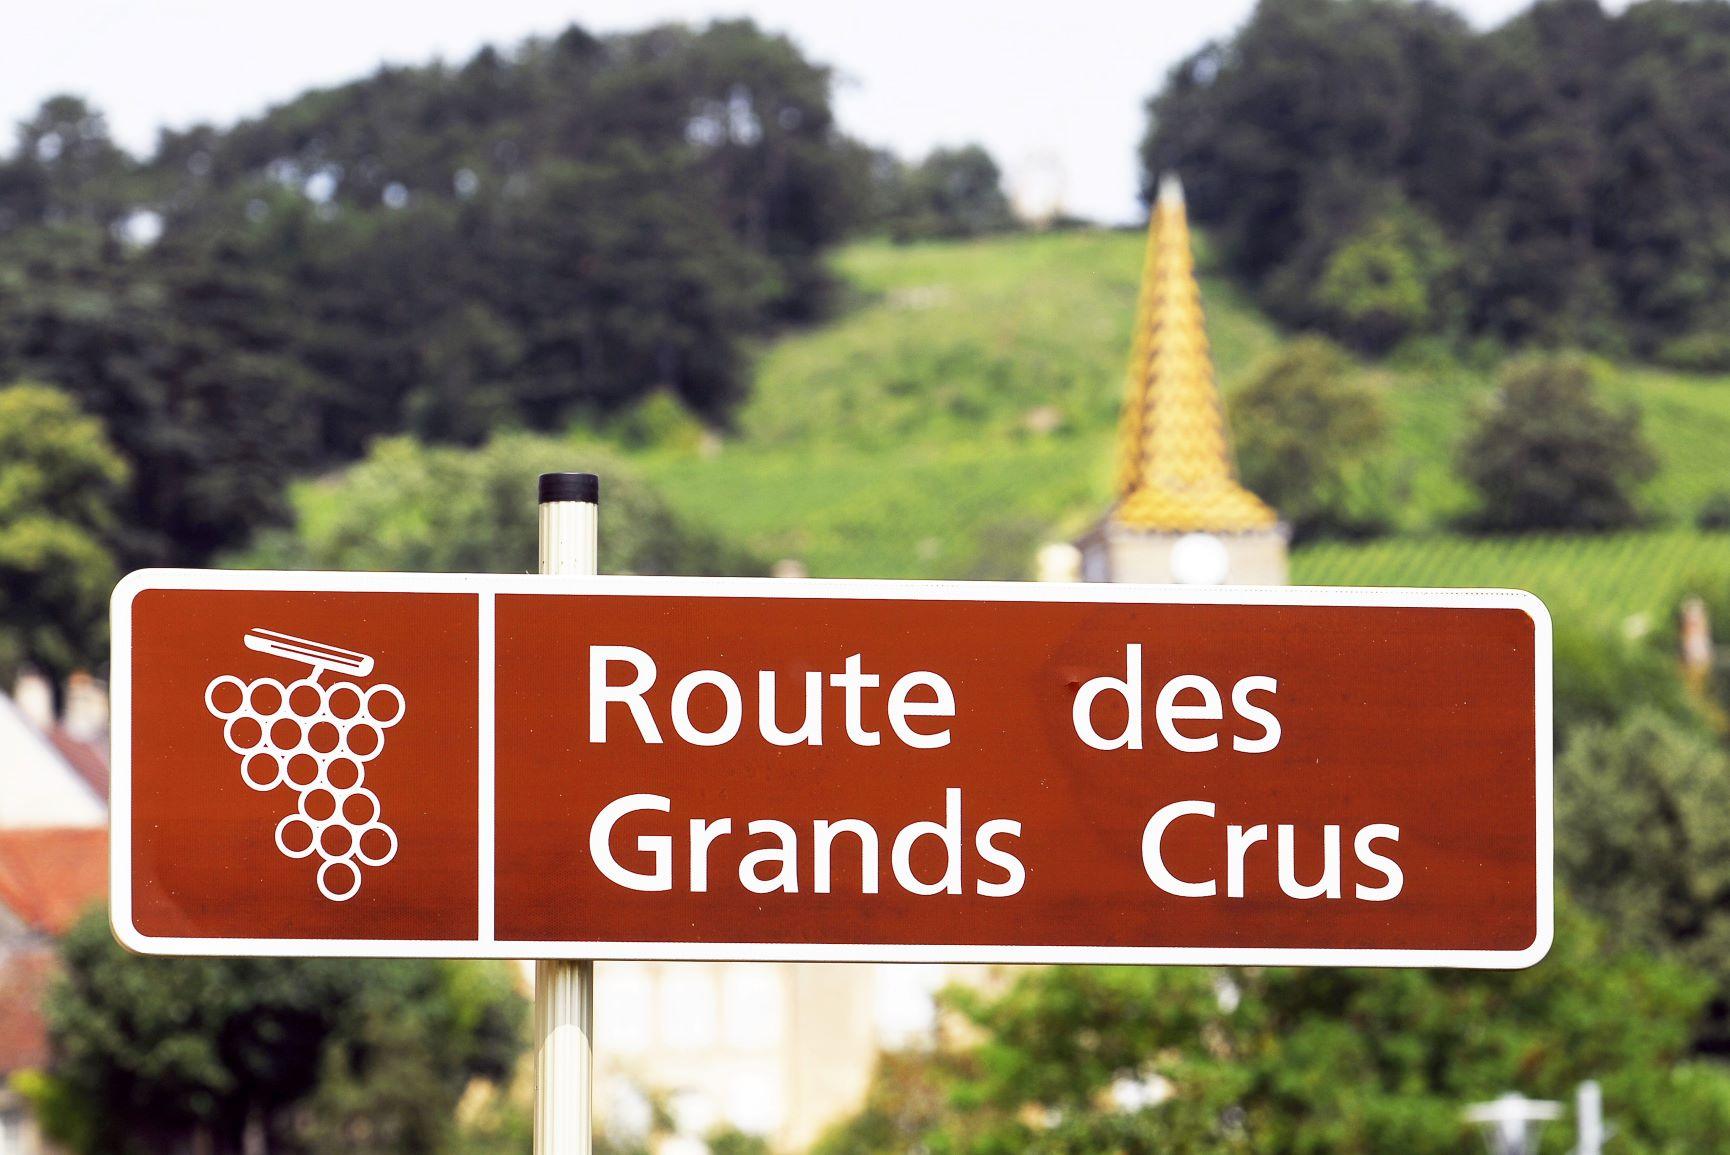 Sur la Route des Grands Crus, Pernand Vergelesse - Photo Alain Doiré, Bourgogne-Franche-Comté Tourisme